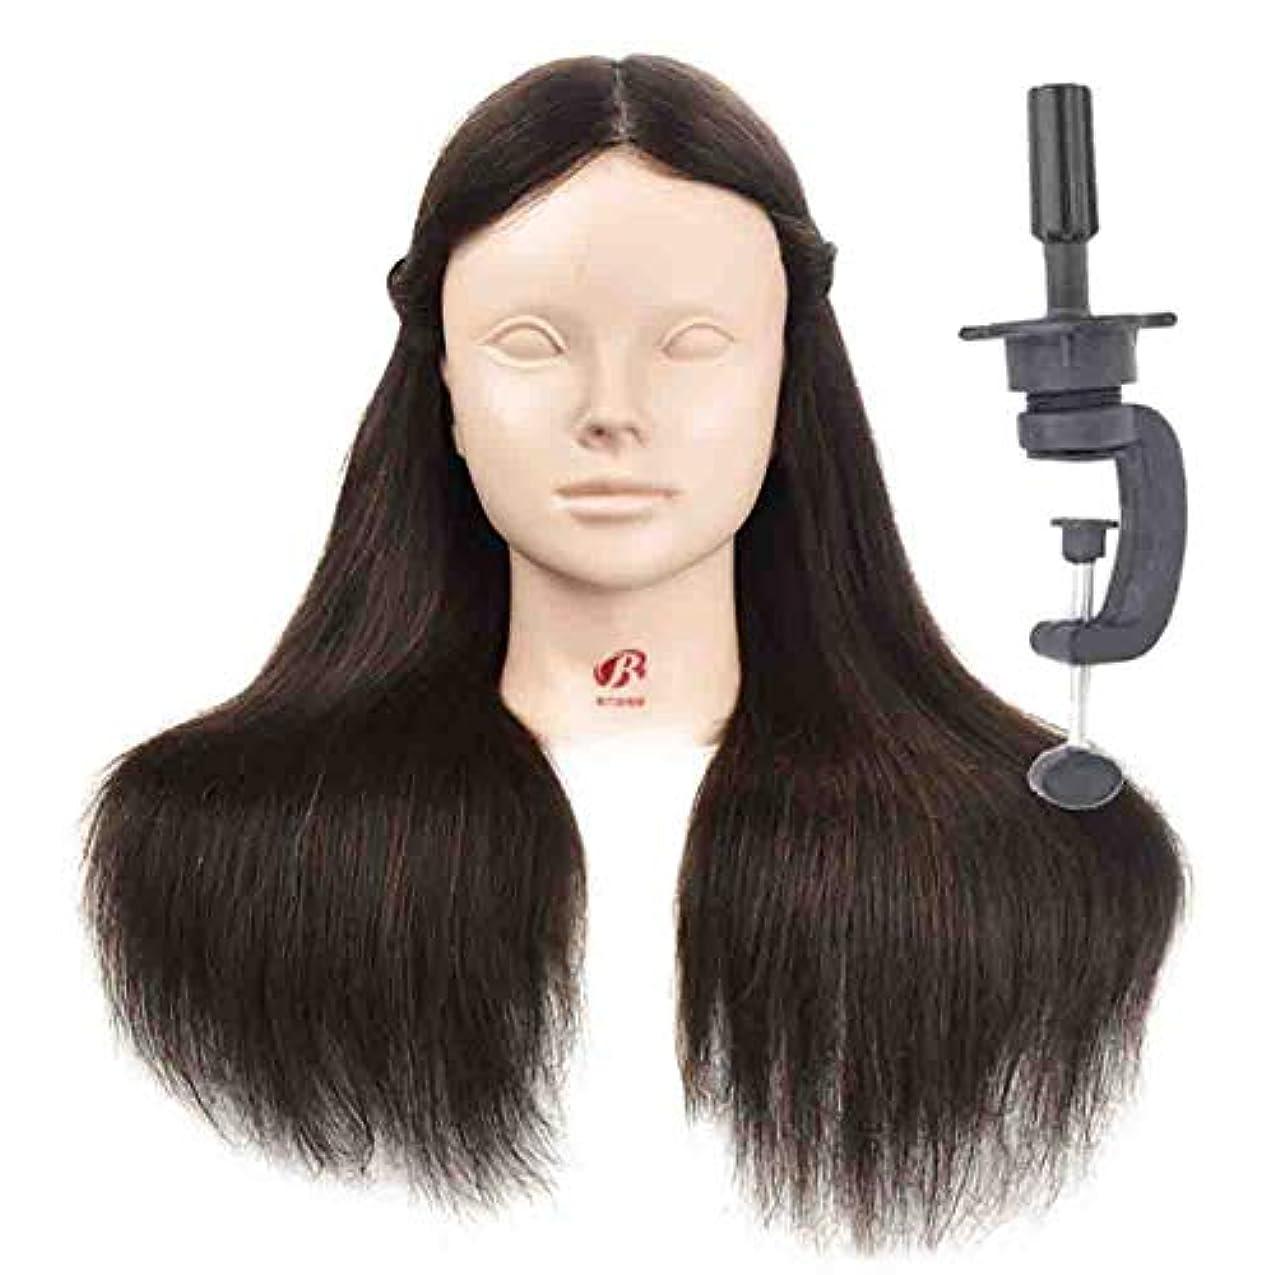 姓学生余分なMakeup Modeling Learning Dummy Head Real Human Hair Practice Head Model Hair Salon Model Head Can be Hot Dyed